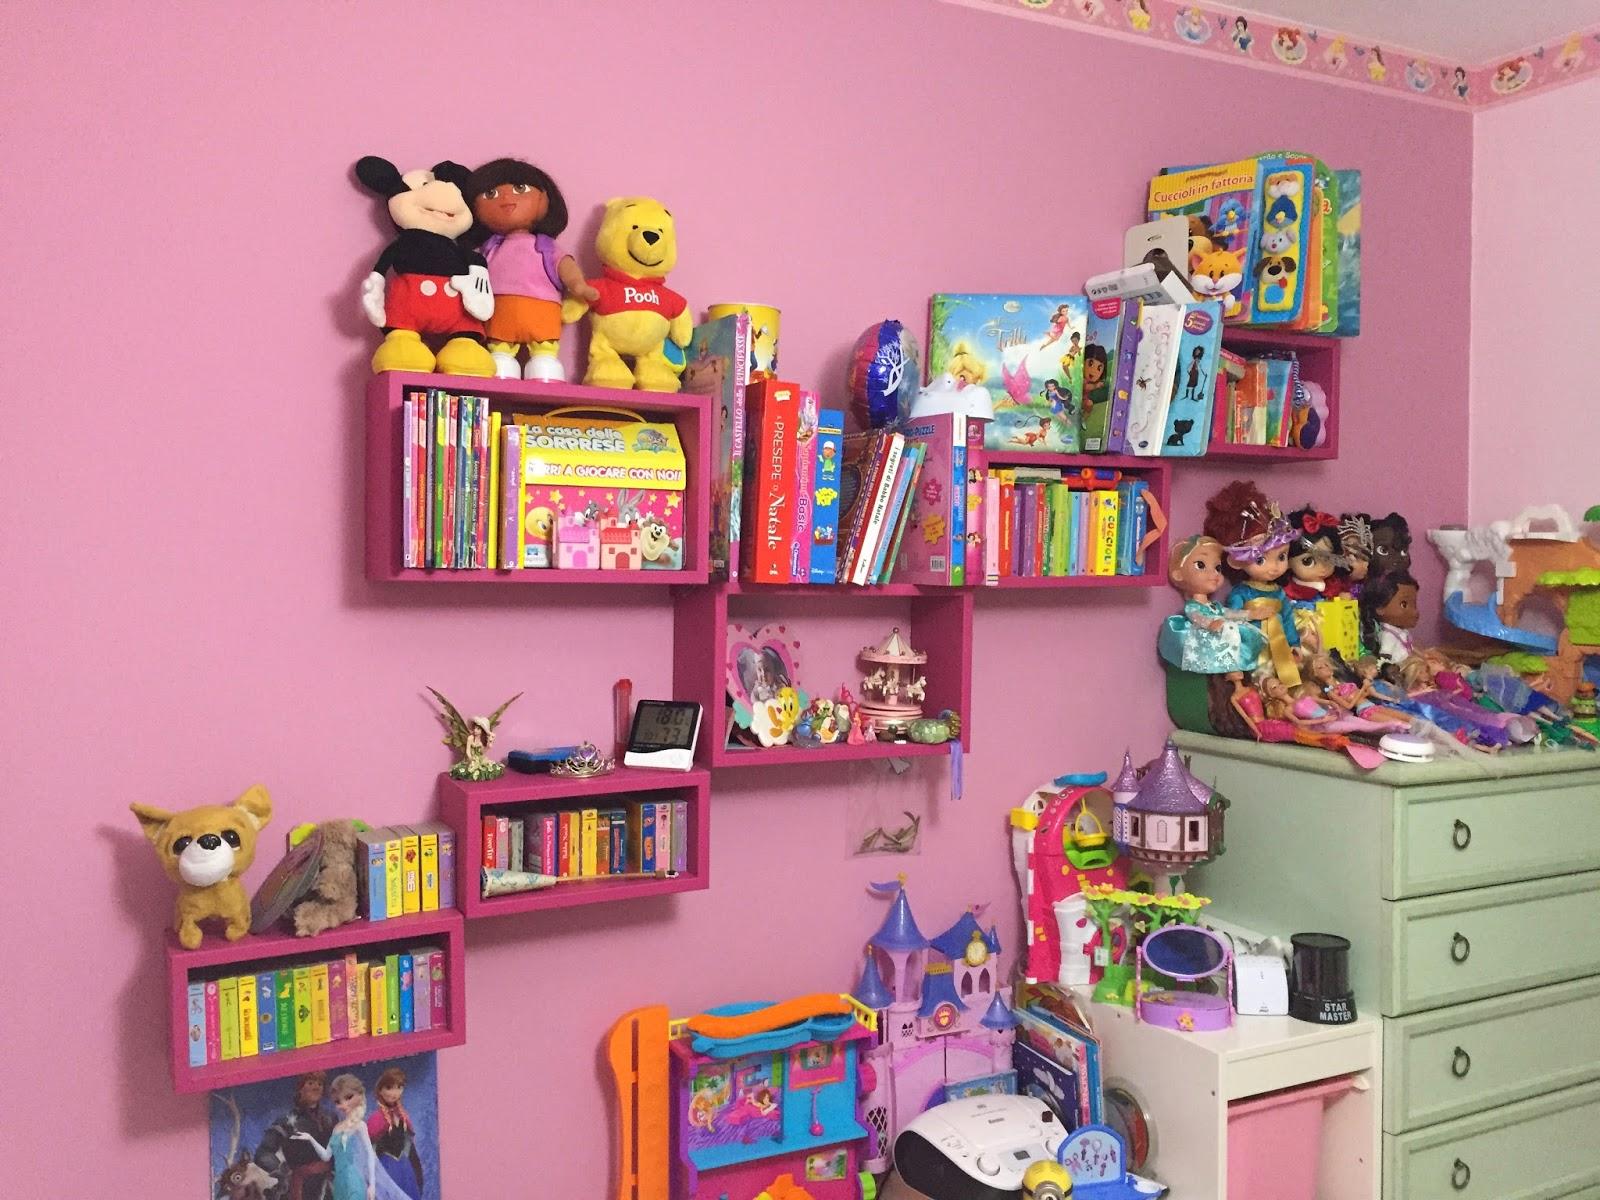 Colori Da Parete Per Camerette idee per cameretta bambini: scelta colori pareti e